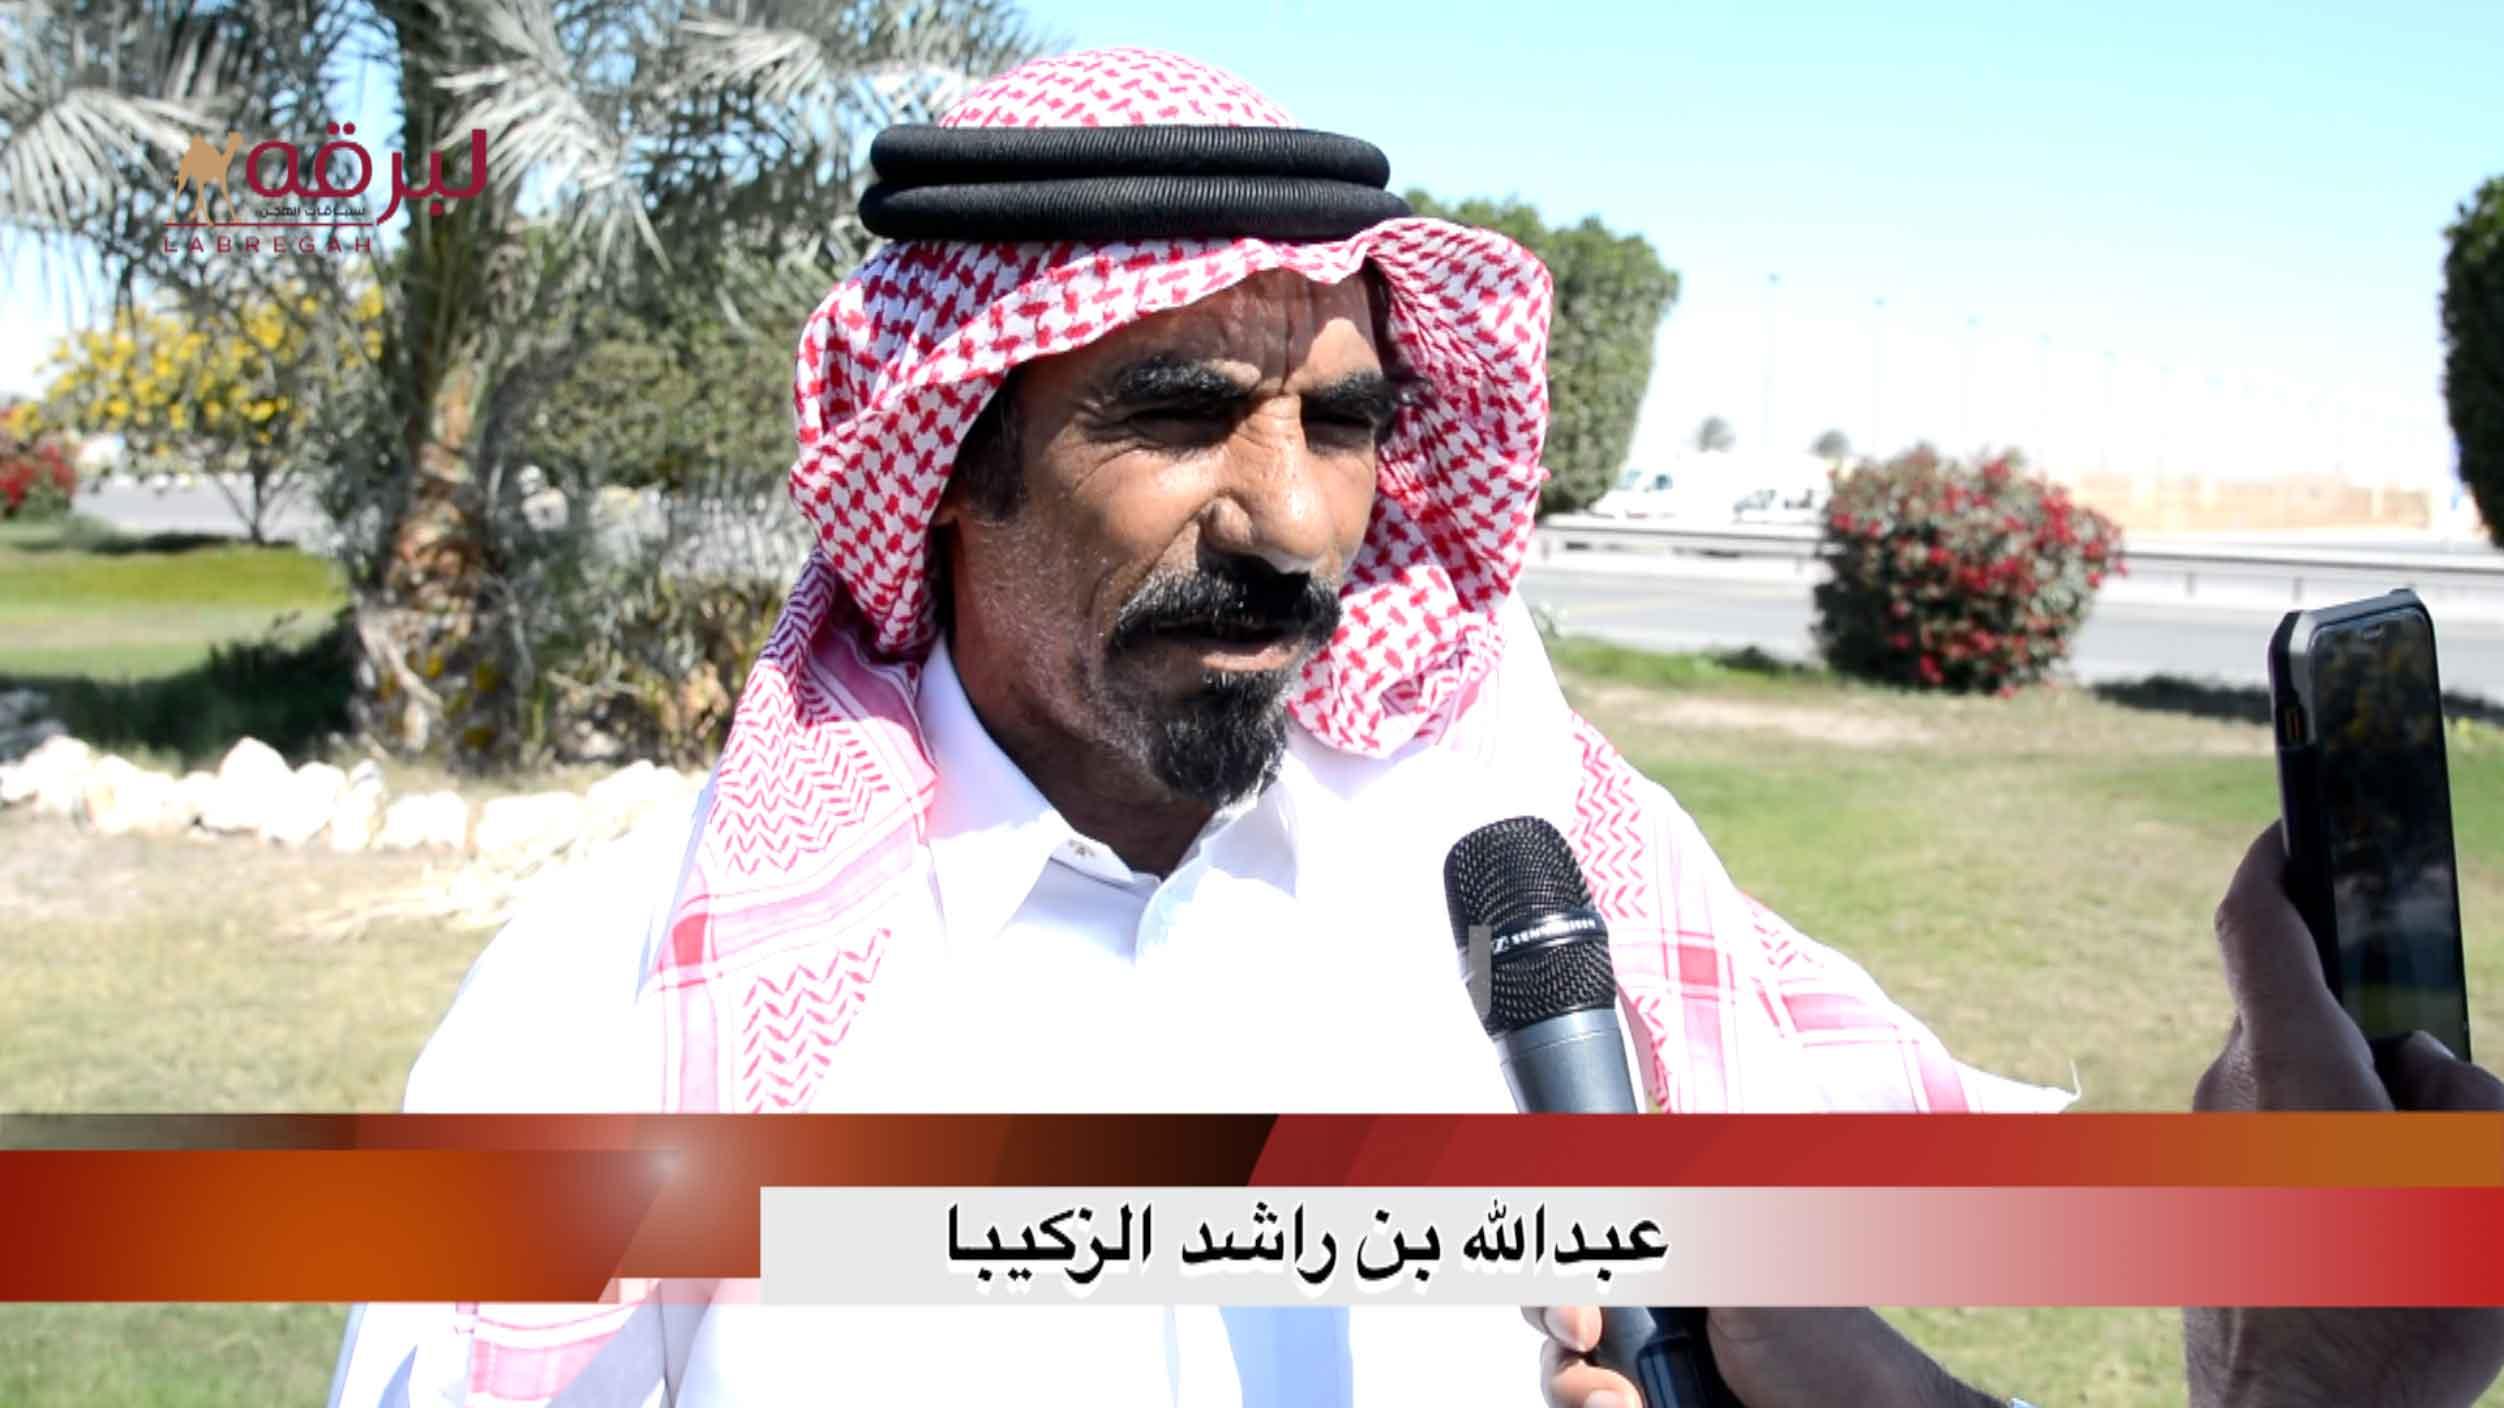 لقاء مع عبدالله بن راشد الزكيبا.. الشوط الرئيسي لقايا بكار « عمانيات » الأشواط العامة  ٢٦-٢-٢٠٢١